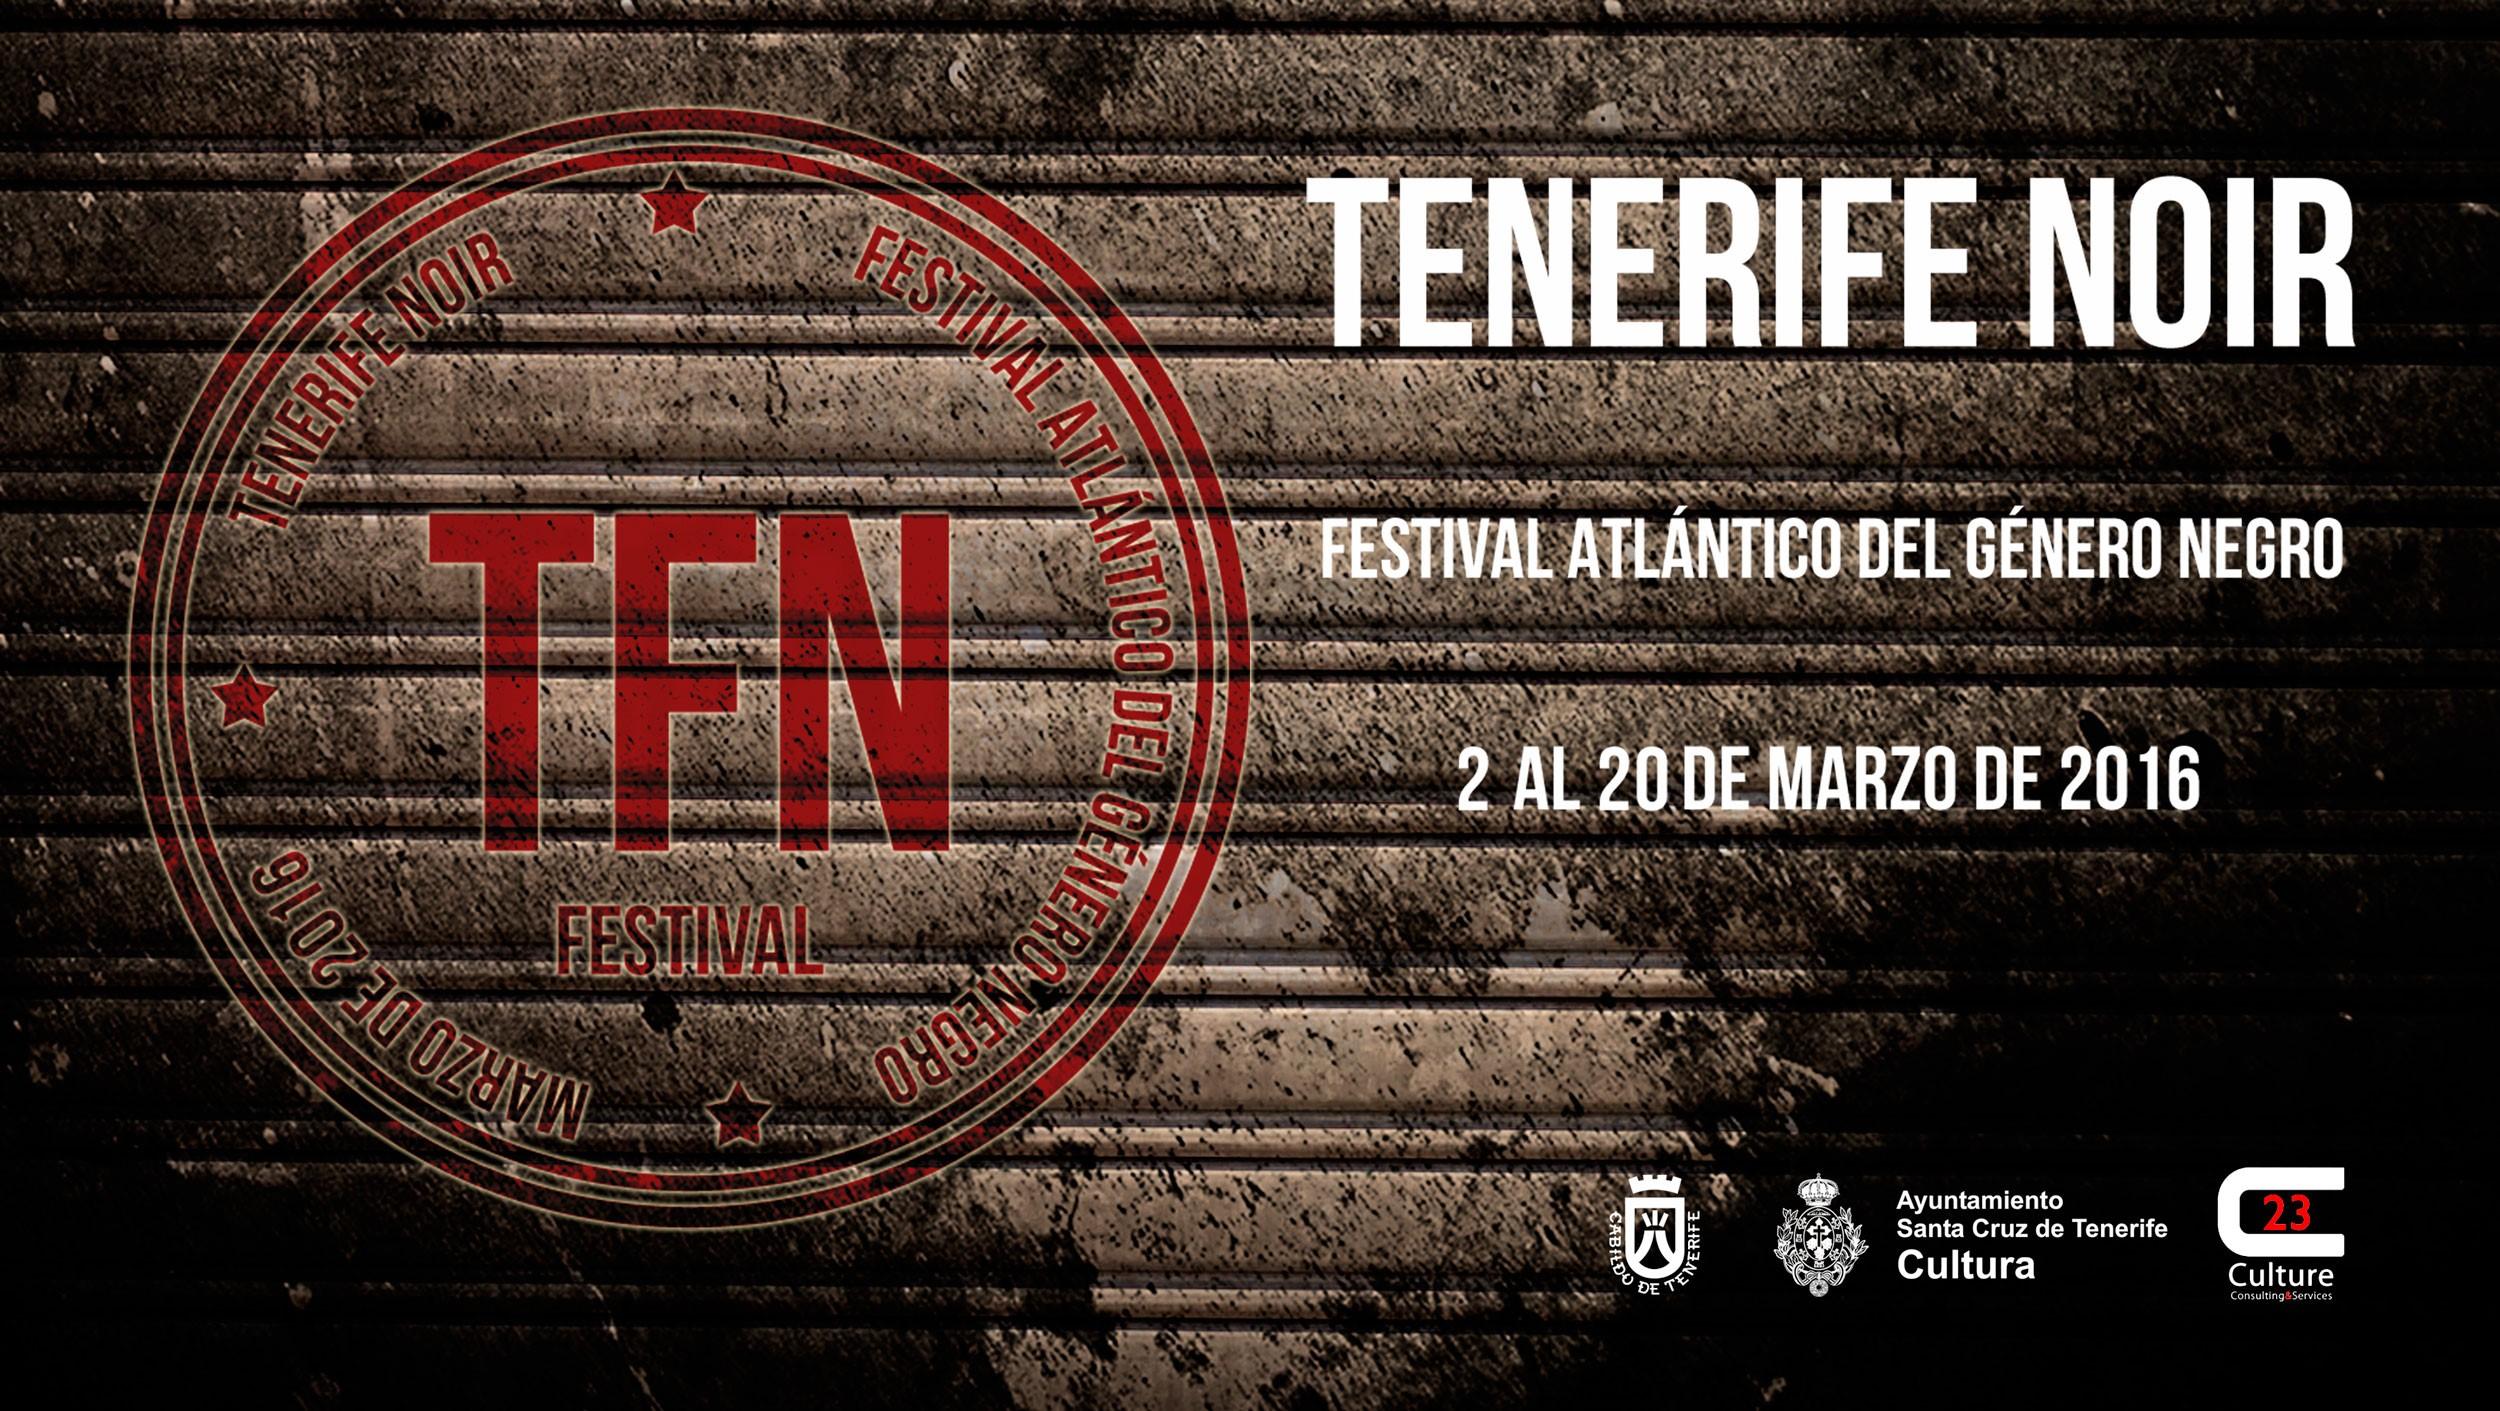 Festival Tenerife Noir